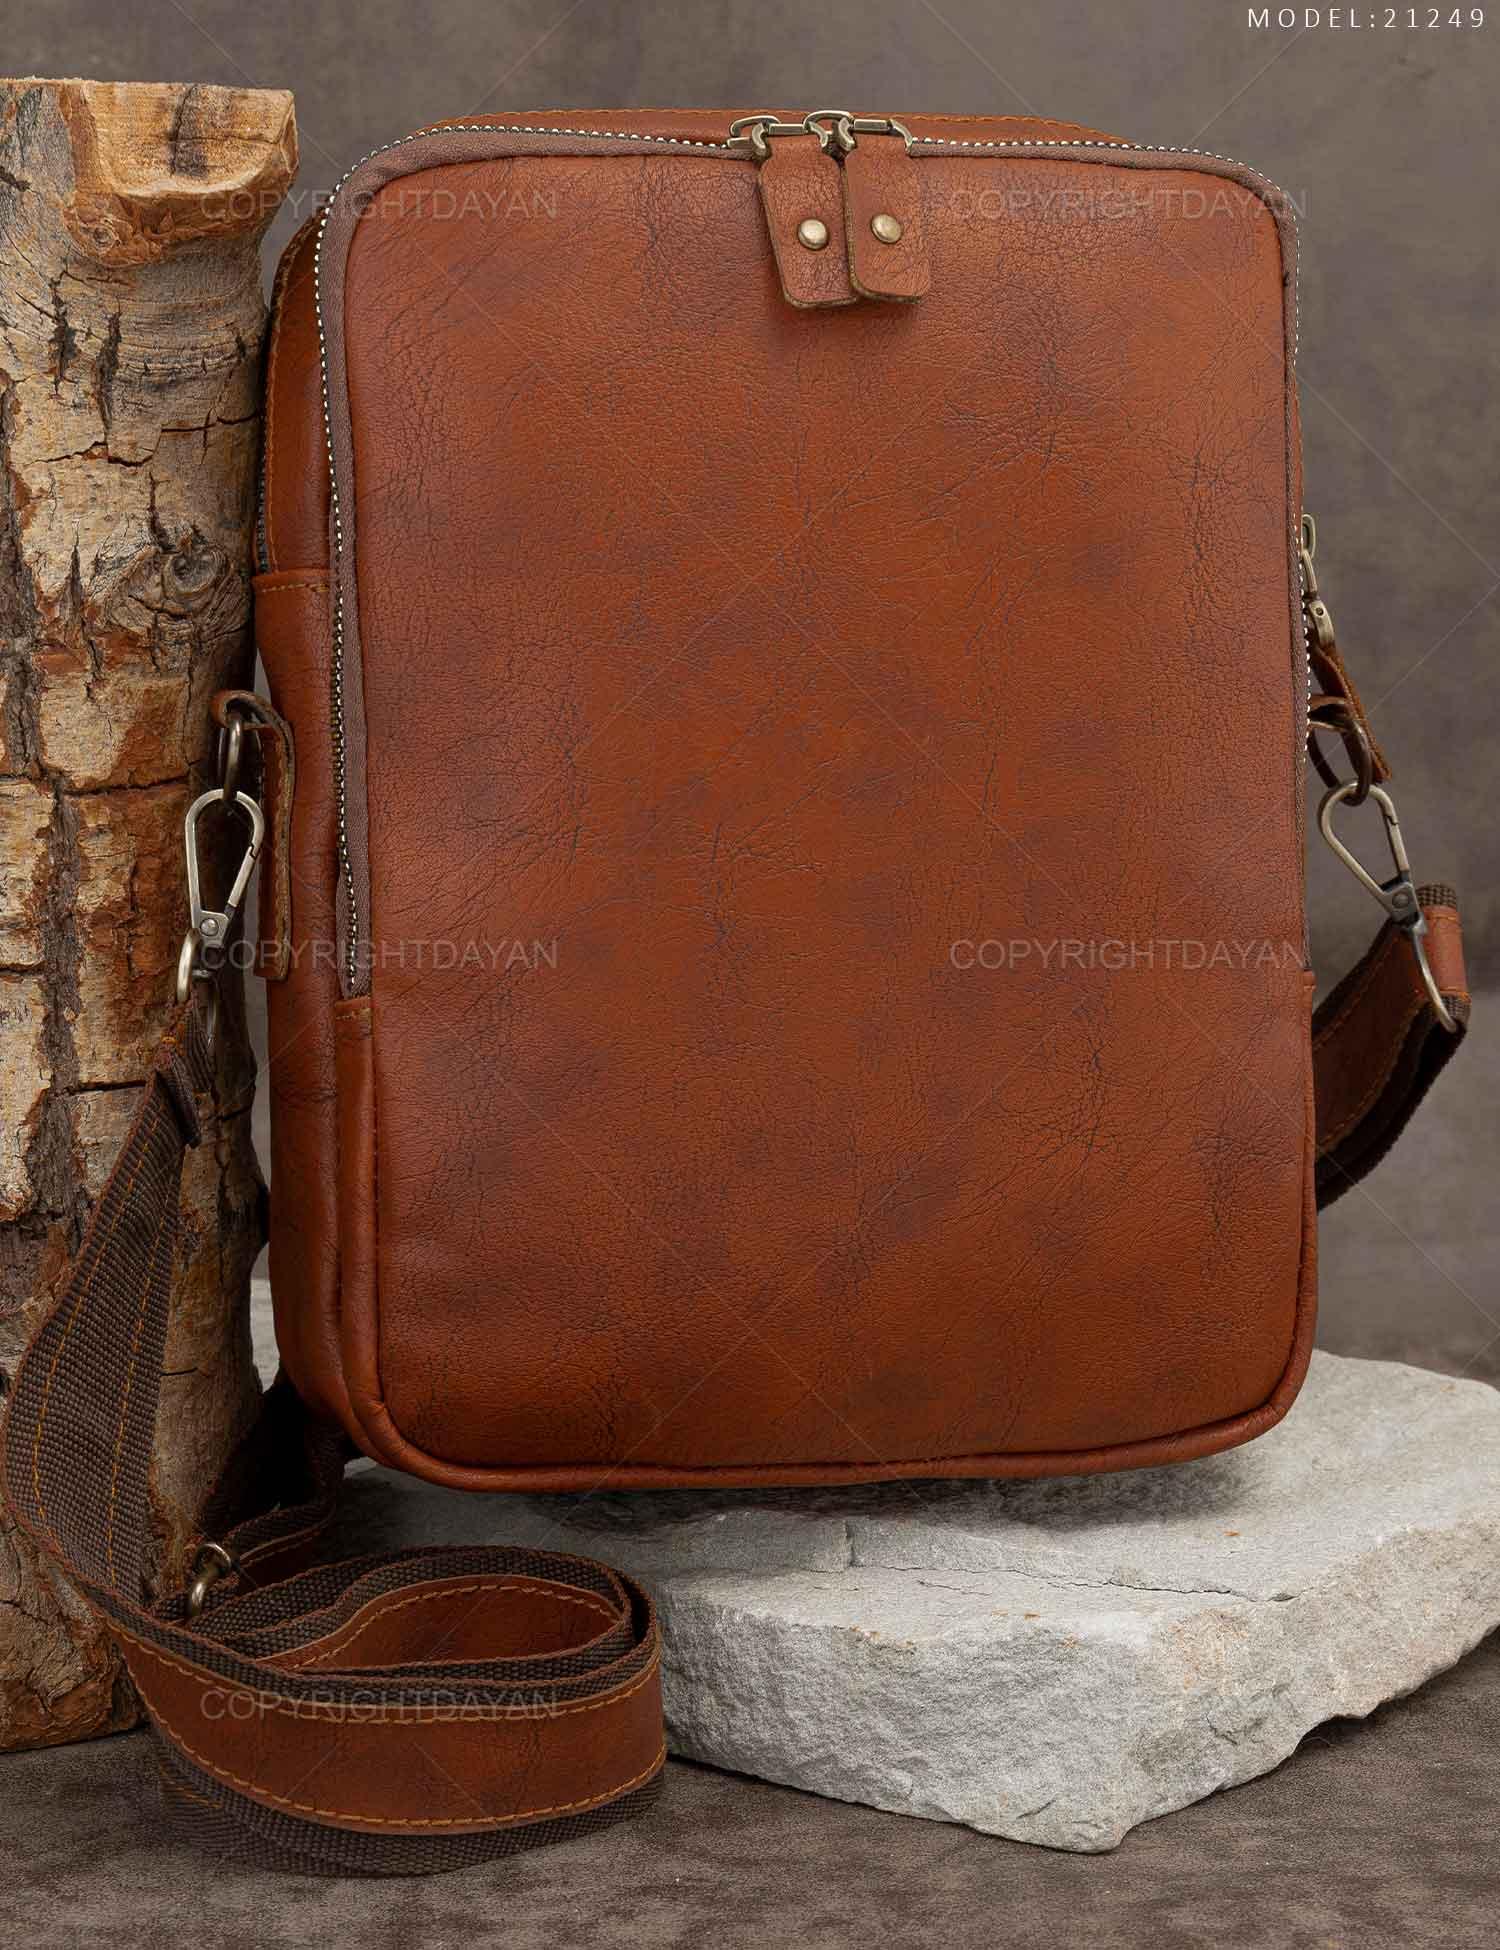 کیف دوشی Chanel مدل 21249 کیف دوشی Chanel مدل 21249 149,000 تومان